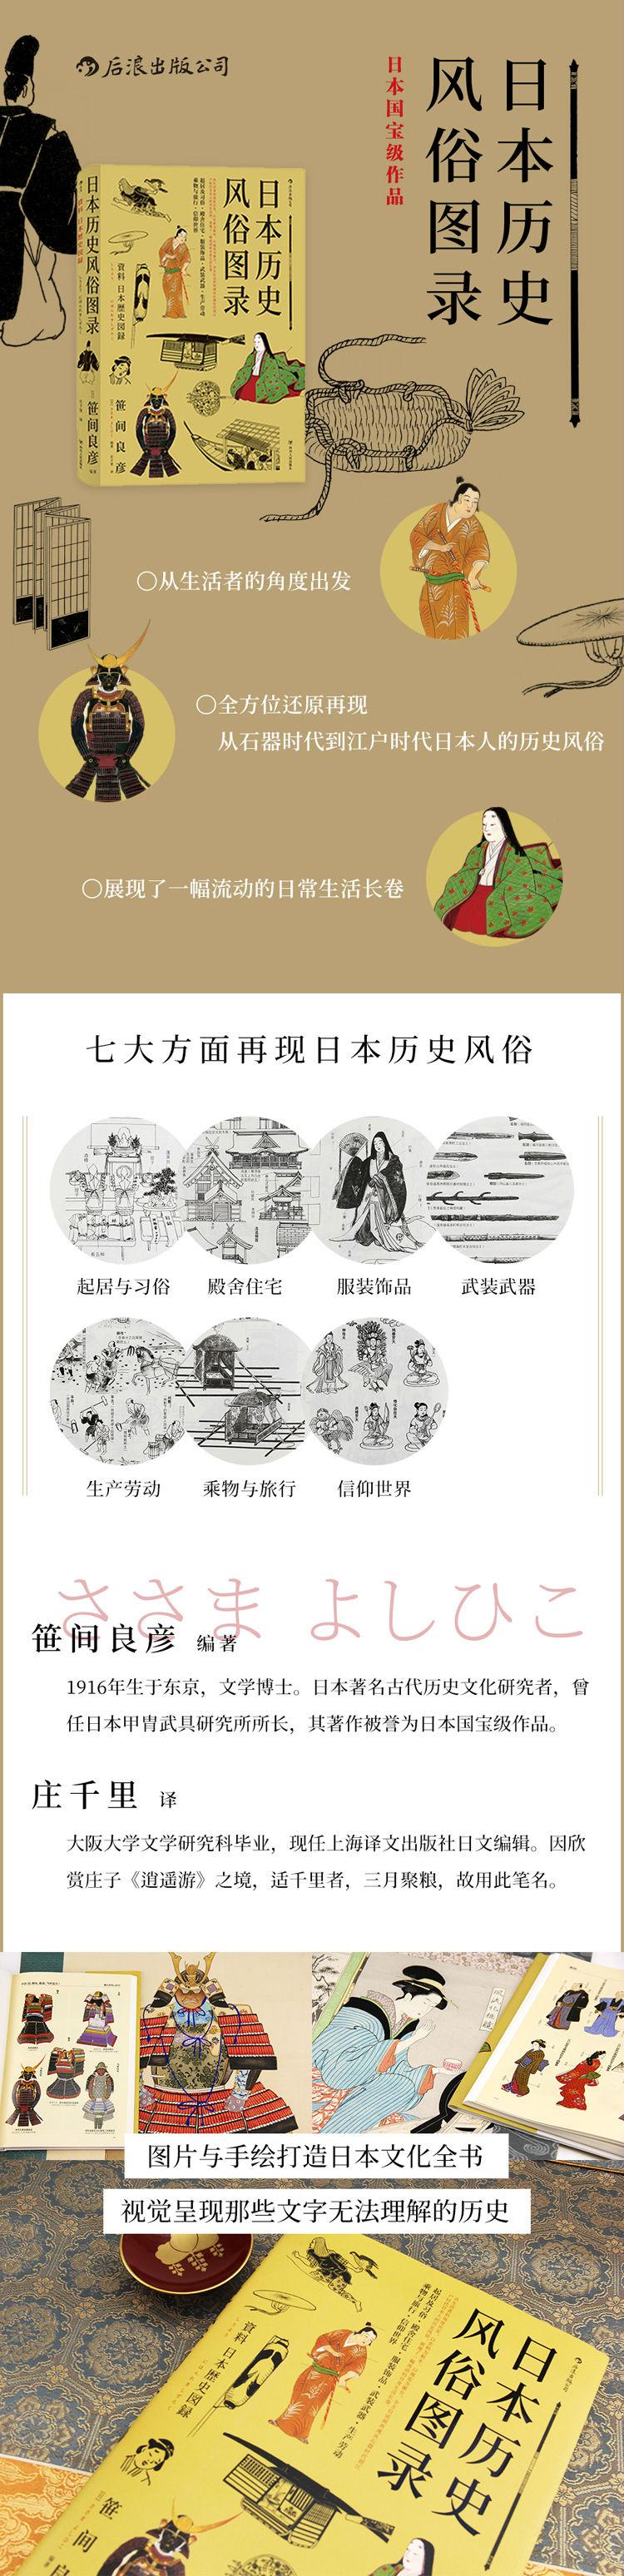 日本歴史風俗図録